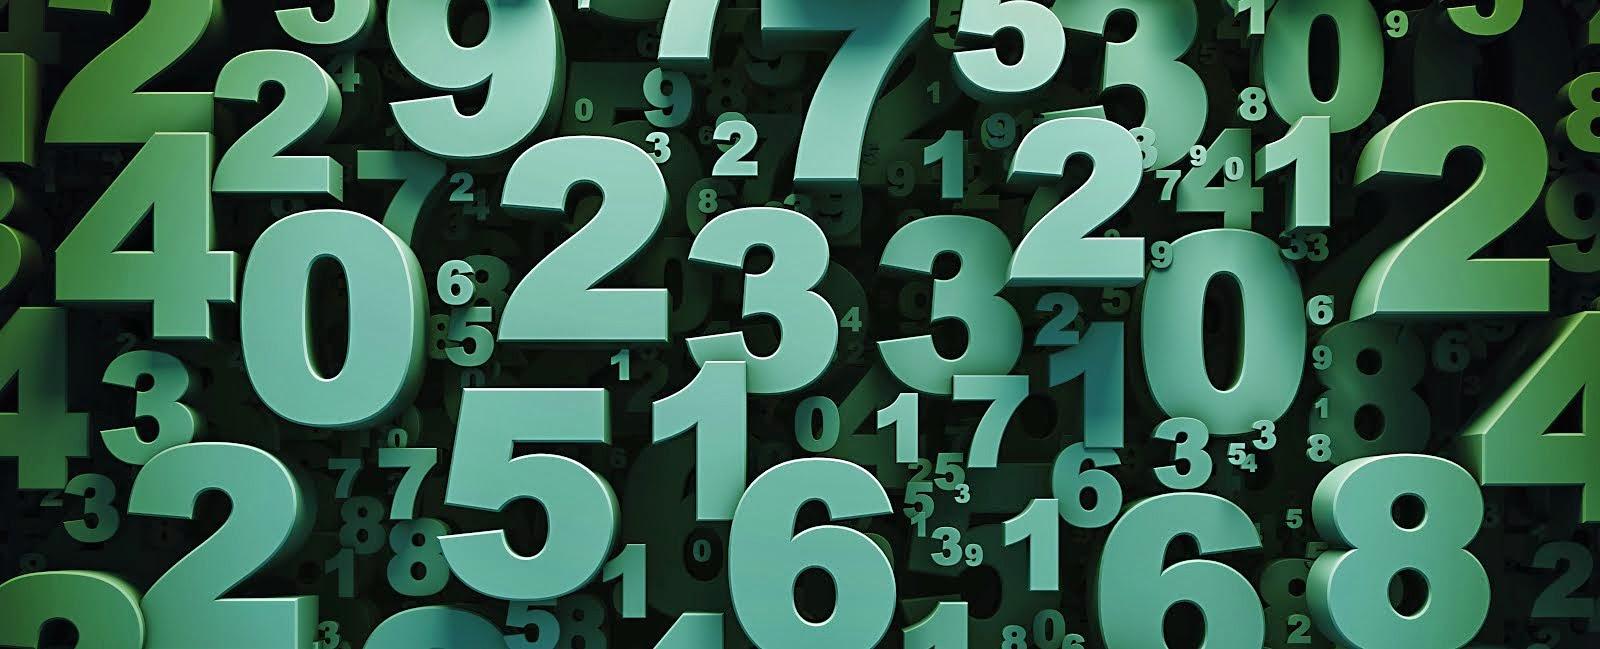 Number Quiz - Part 3